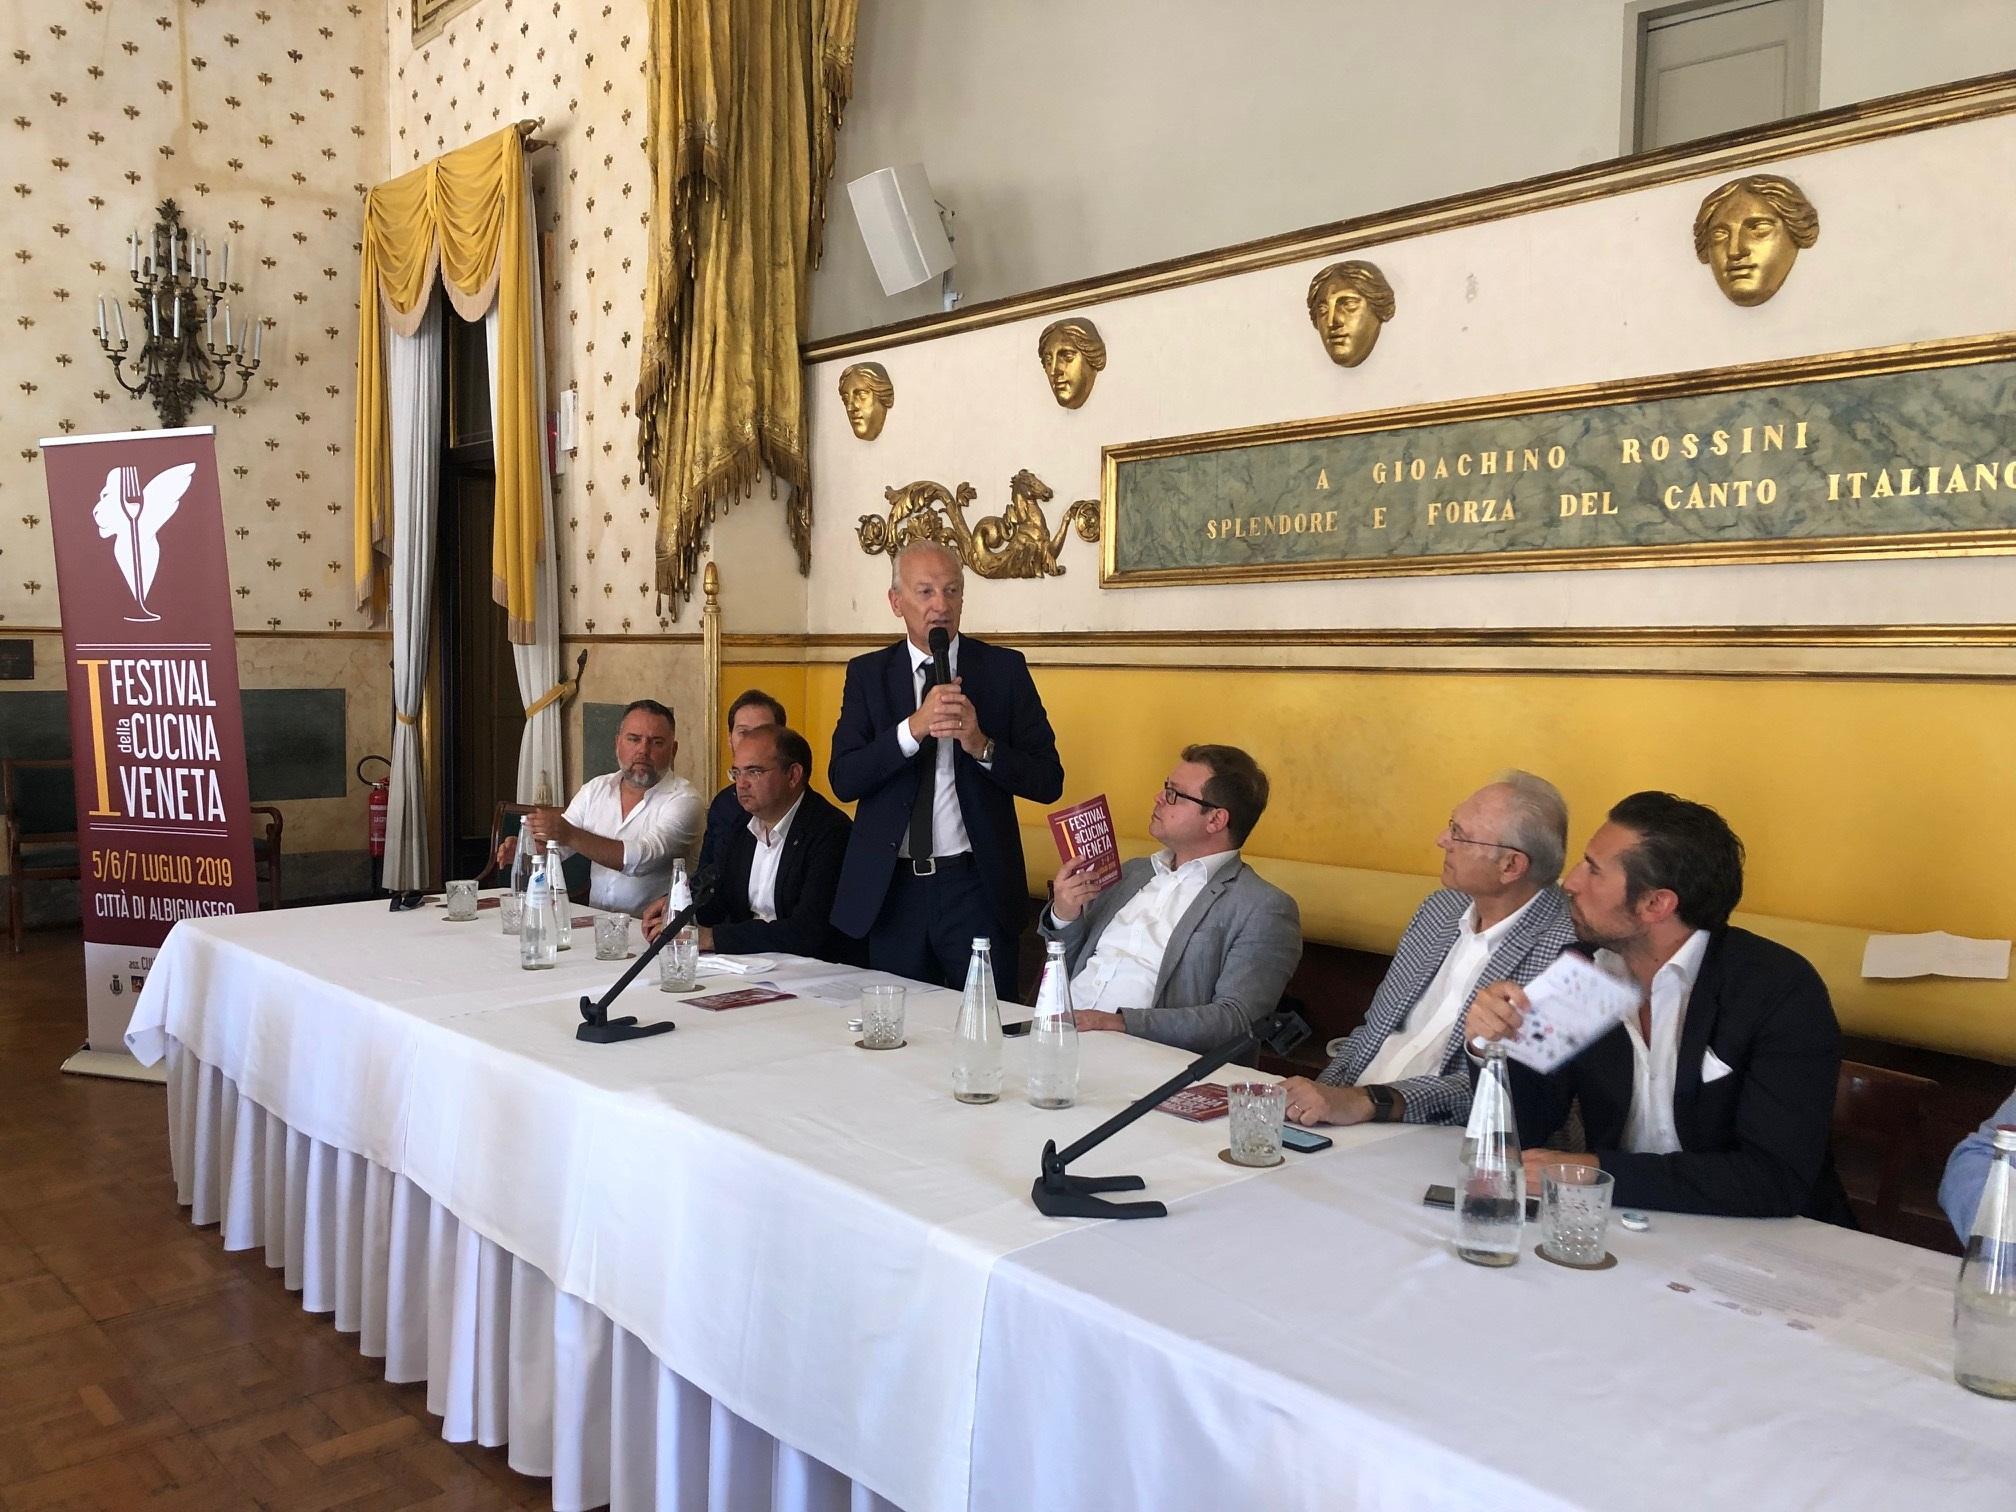 Regione Veneto - Comunicato n.1041 - FESTIVAL CUCINA VENETA ...